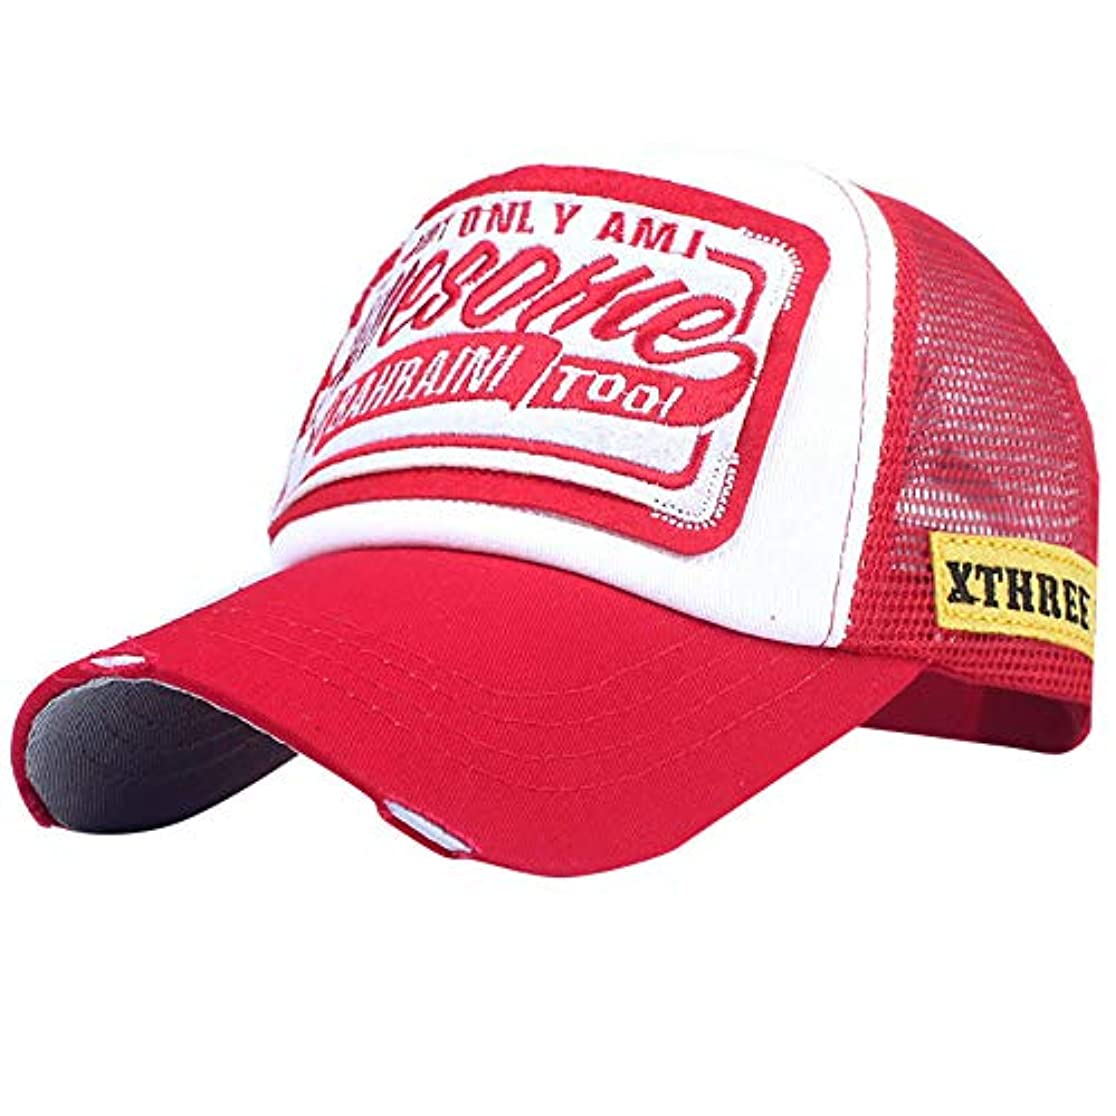 死リーダーシップ松Racazing カモフラージュ 野球帽 ヒップホップ メンズ 夏 登山 帽子 迷彩 可調整可能 プラスベルベット 棒球帽 UV 帽子 UVカット軽量 屋外 Unisex 鸭舌帽 Hat Cap